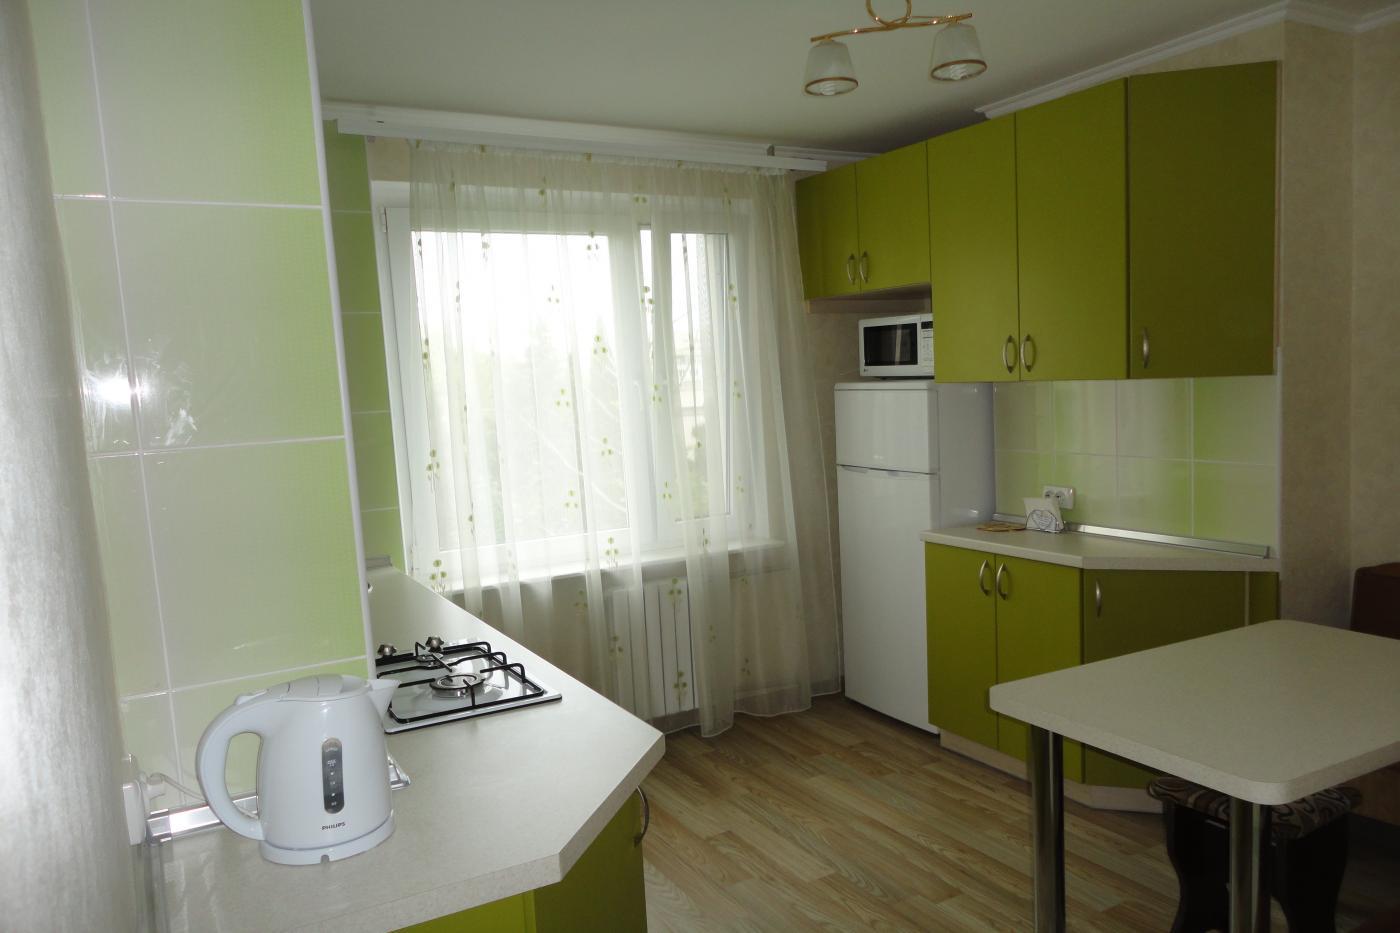 1-комнатная квартира посуточно (вариант № 626), ул. Героев Бреста улица, фото № 7